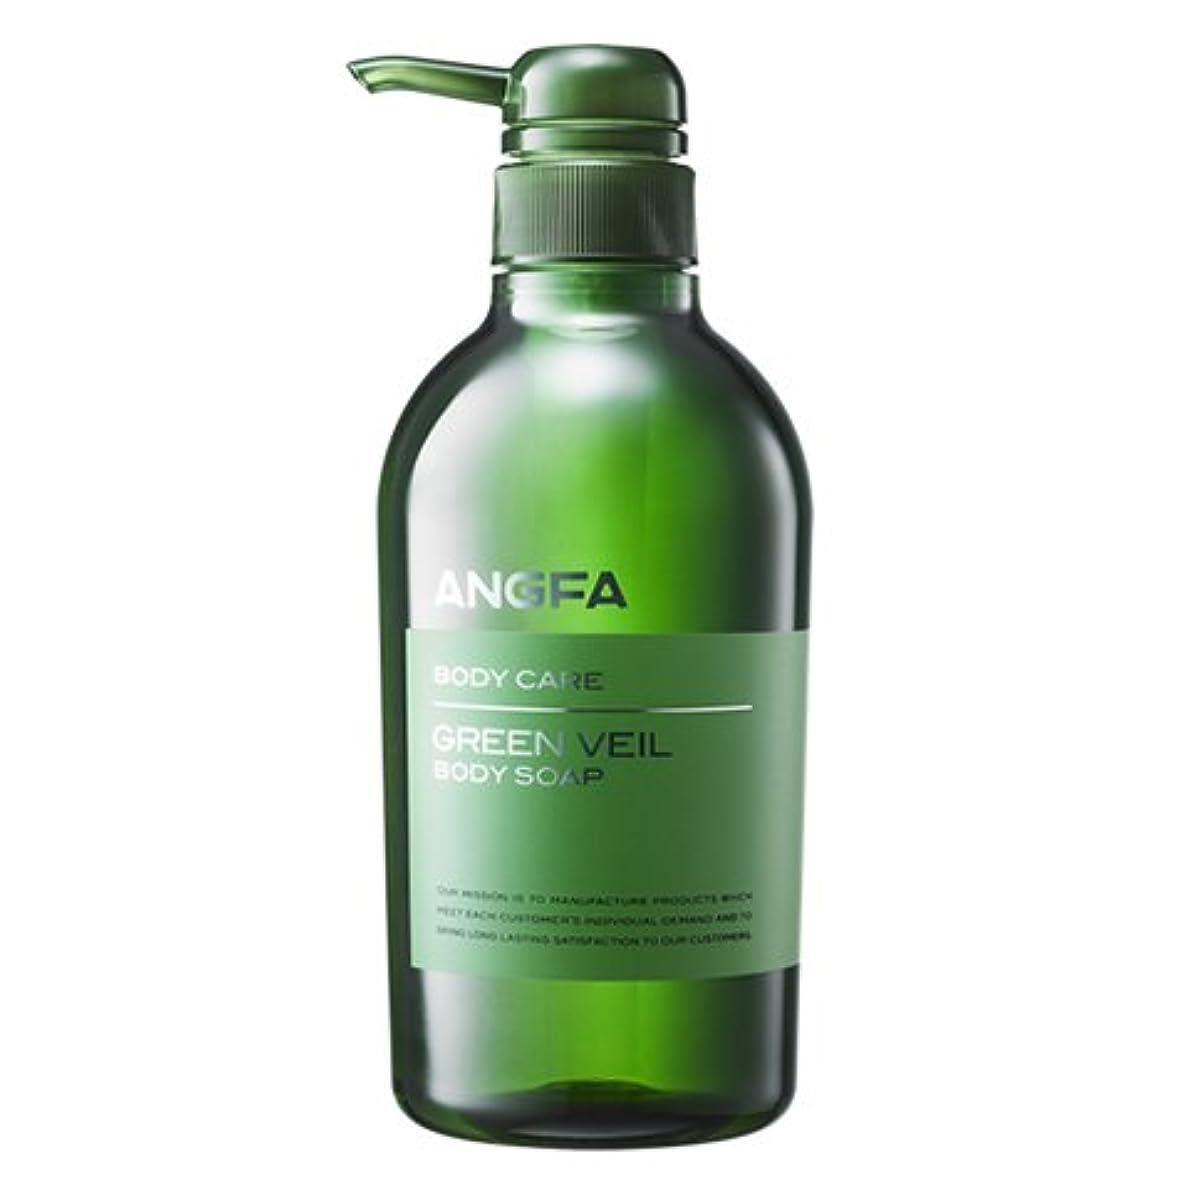 形成ハンカチブームアンファー (ANGFA) グリーンベール 薬用ボディソープ 500ml グリーンフローラル [乾燥?保湿] かゆみ肌